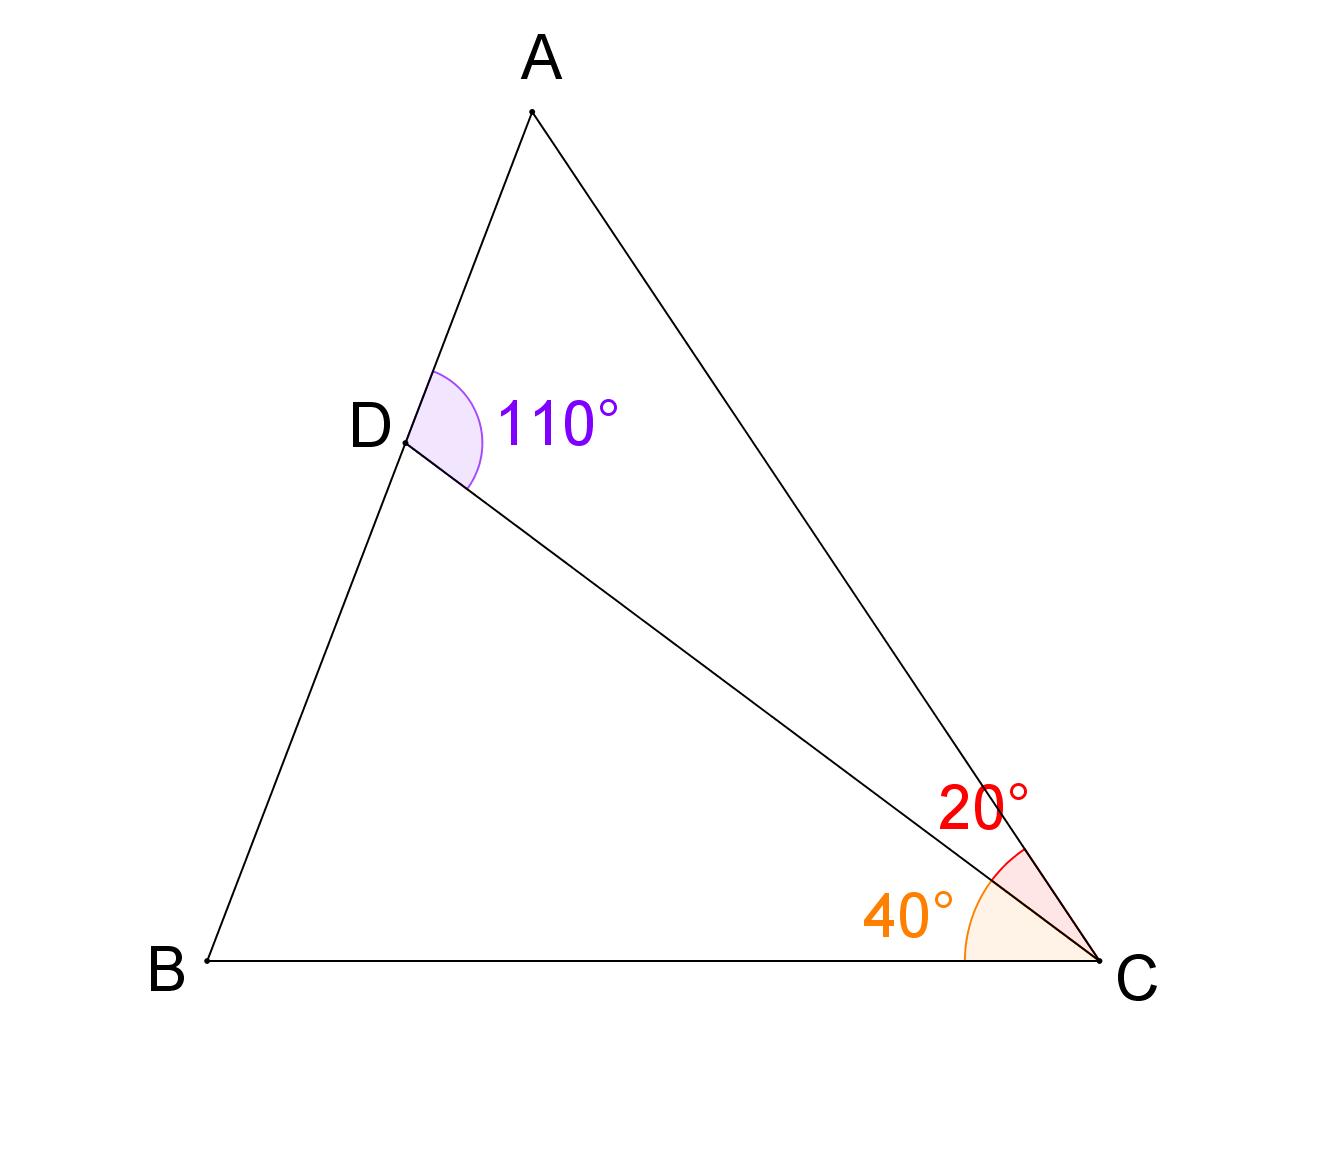 Mathplace exercice_5e_triangles02 Exercice 4 : angles d'un triangle